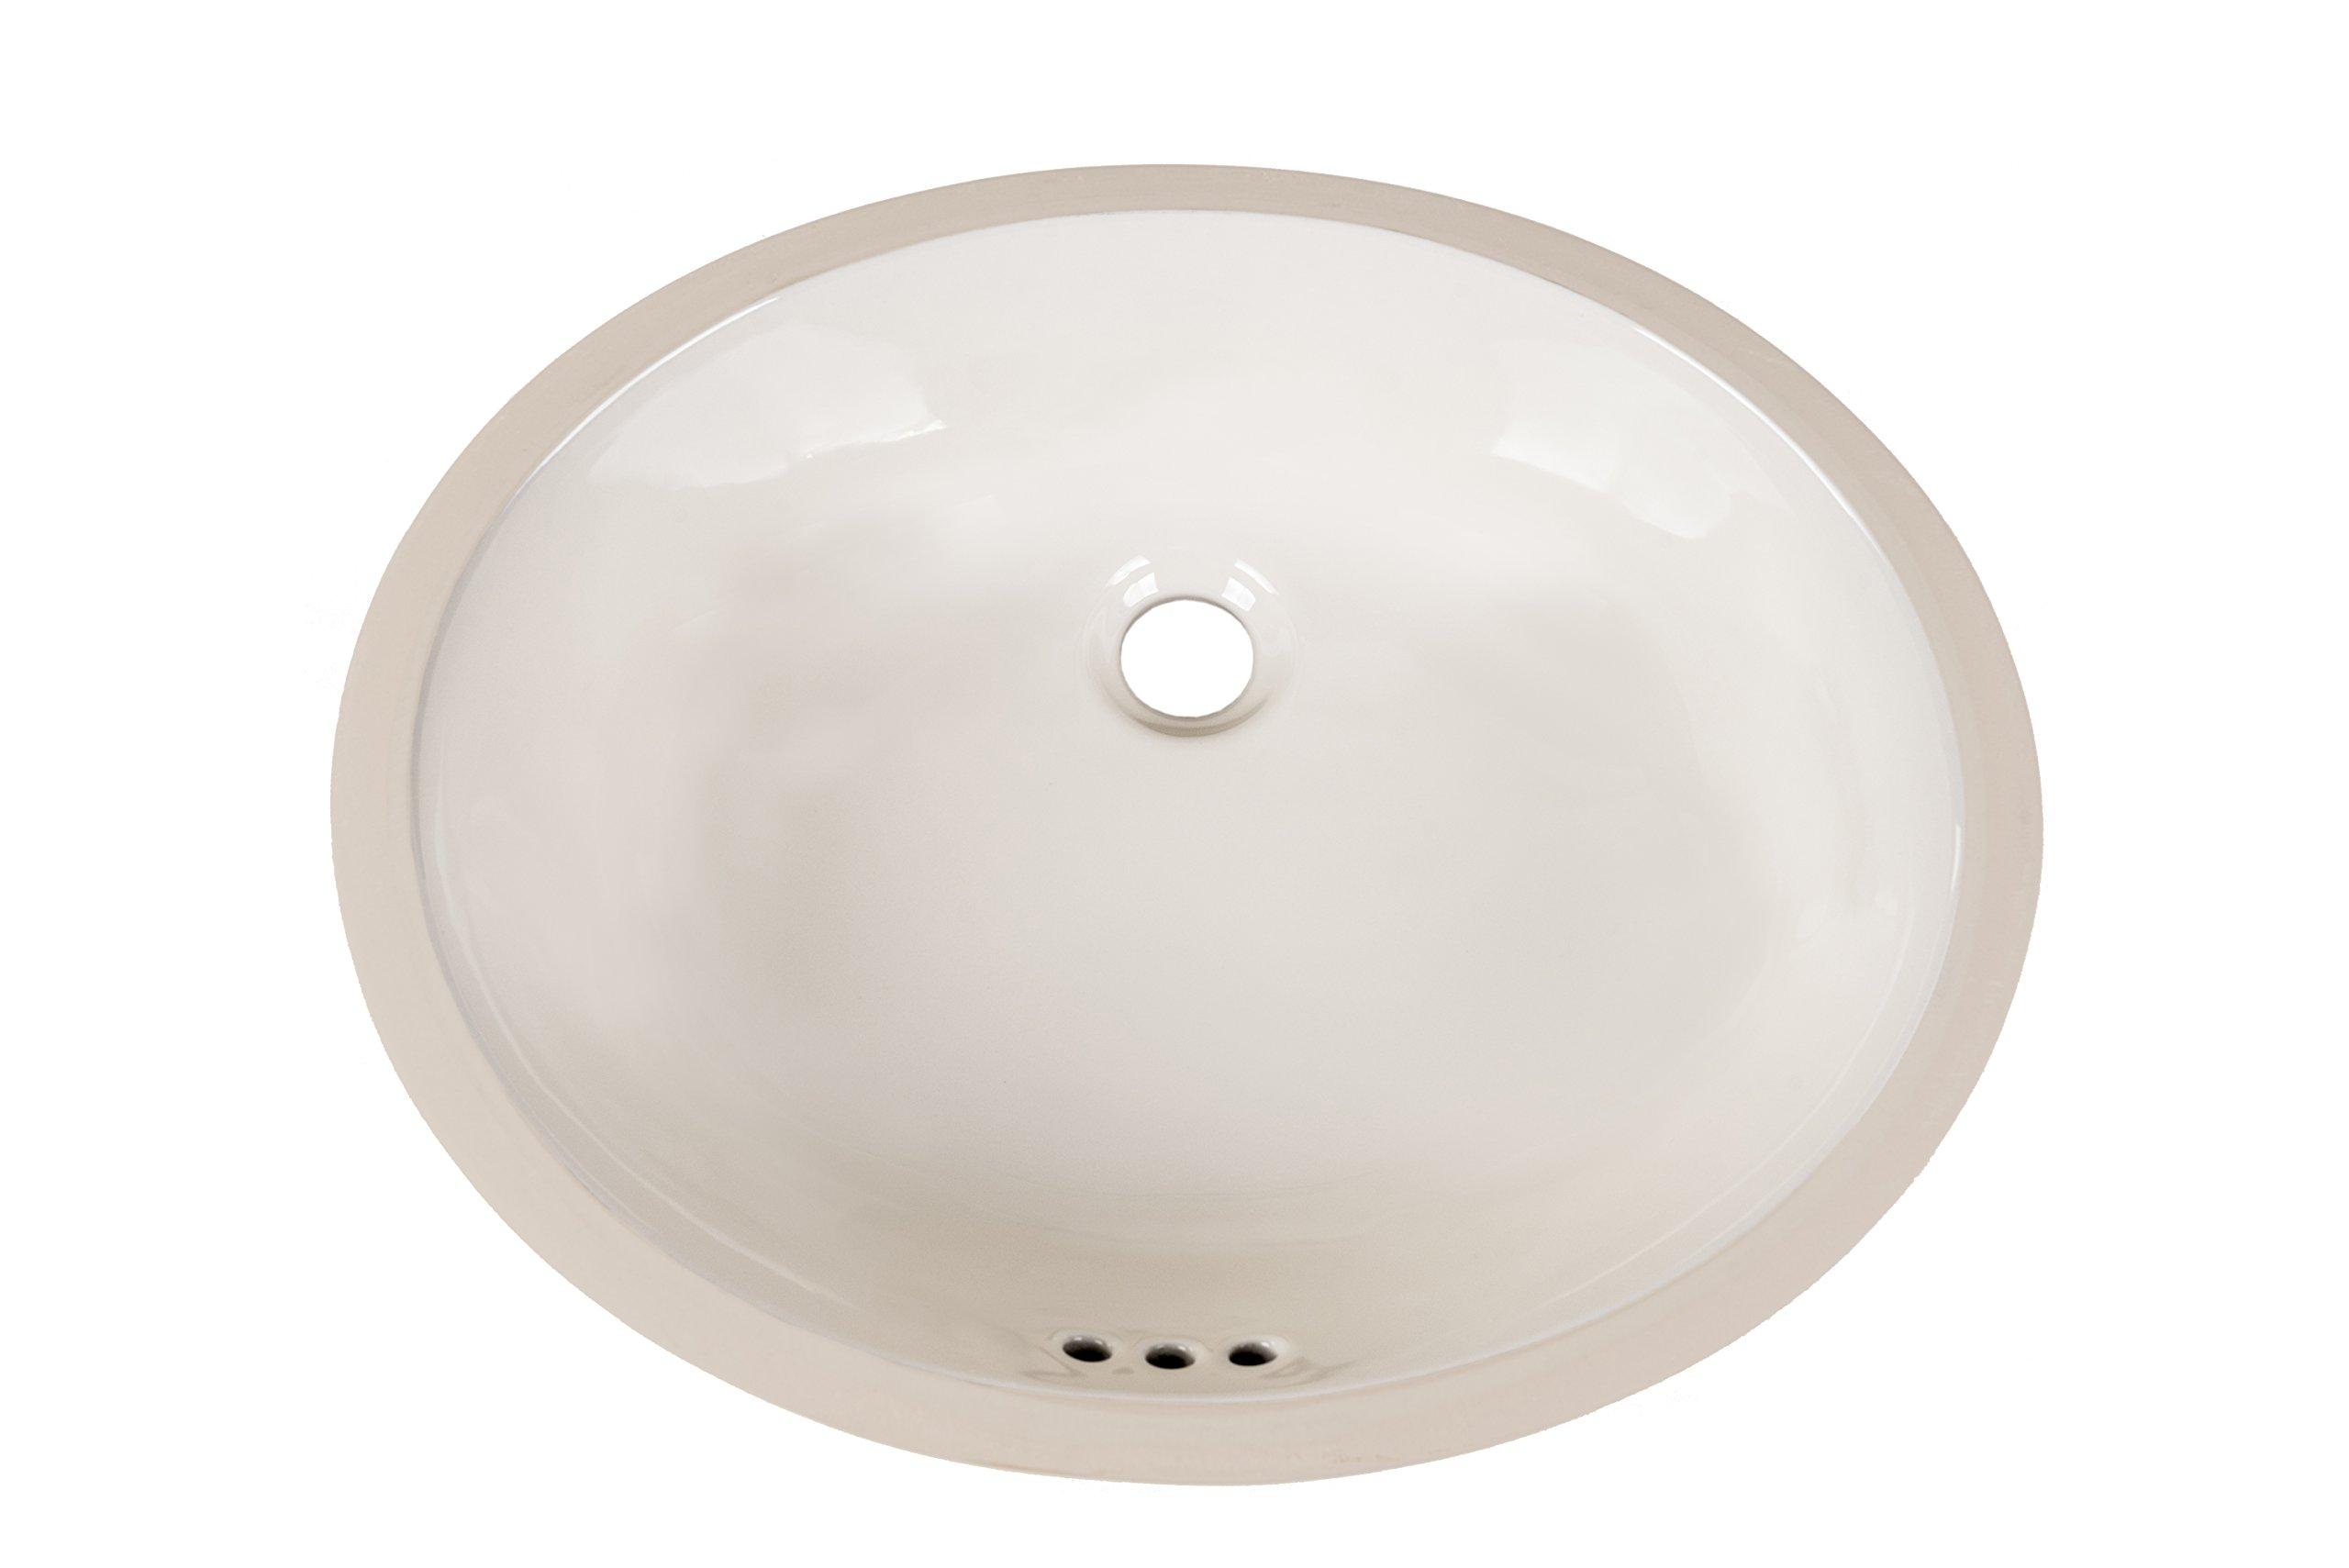 20'' Oval Undermount Ceramic Bathroom Vanity Sink in Biscuit YS0113